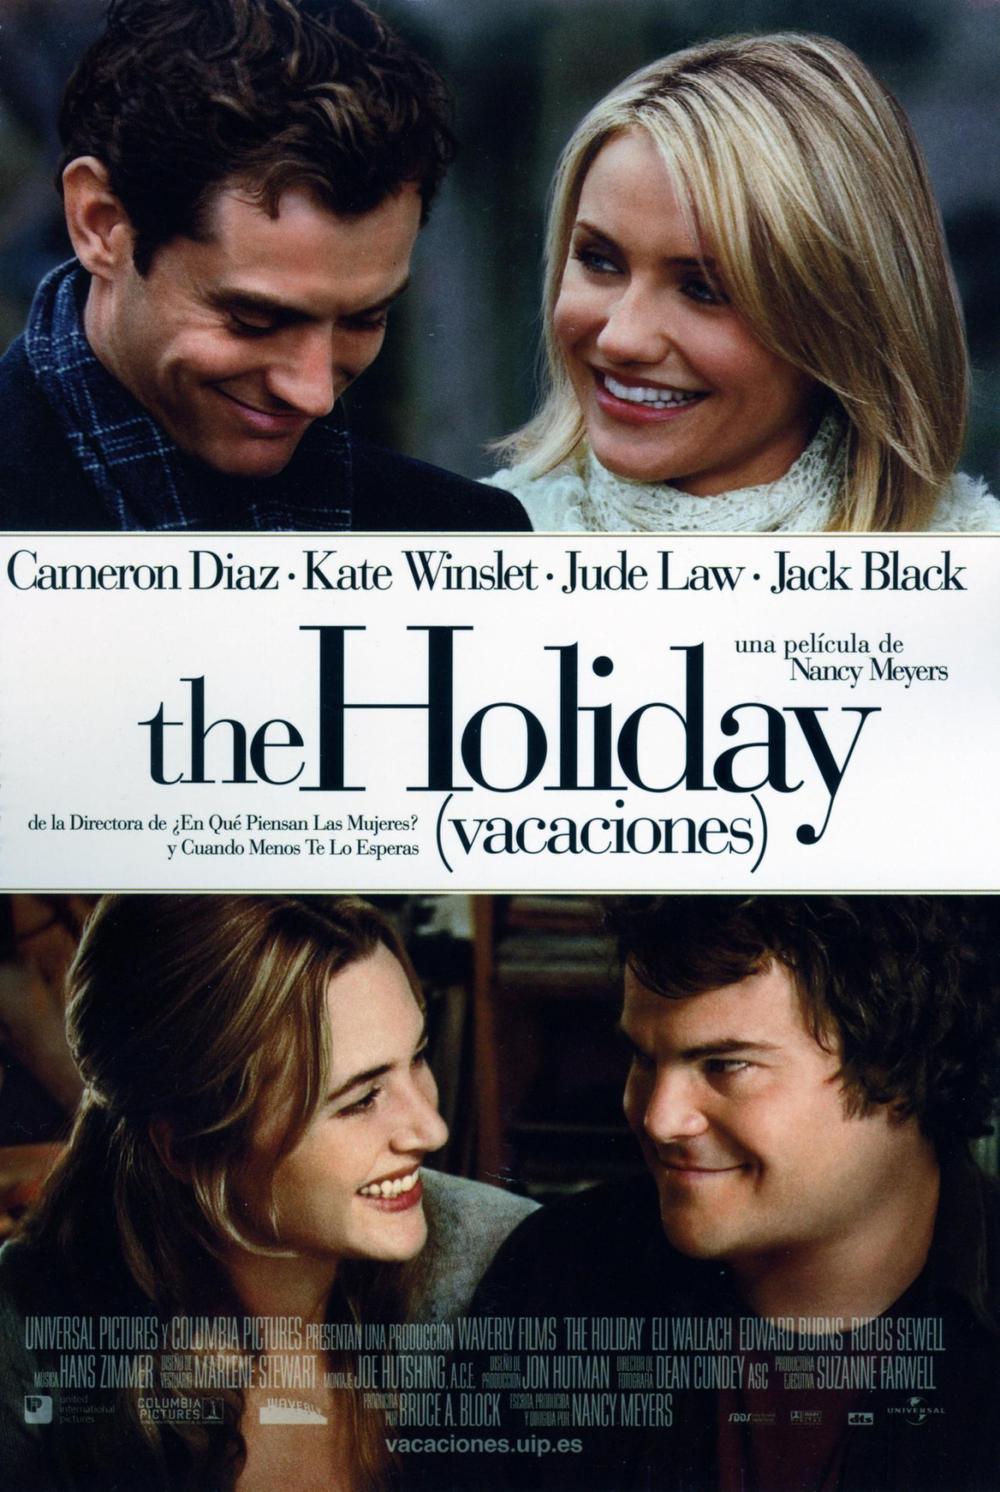 Póster de The Holiday (Vacaciones)